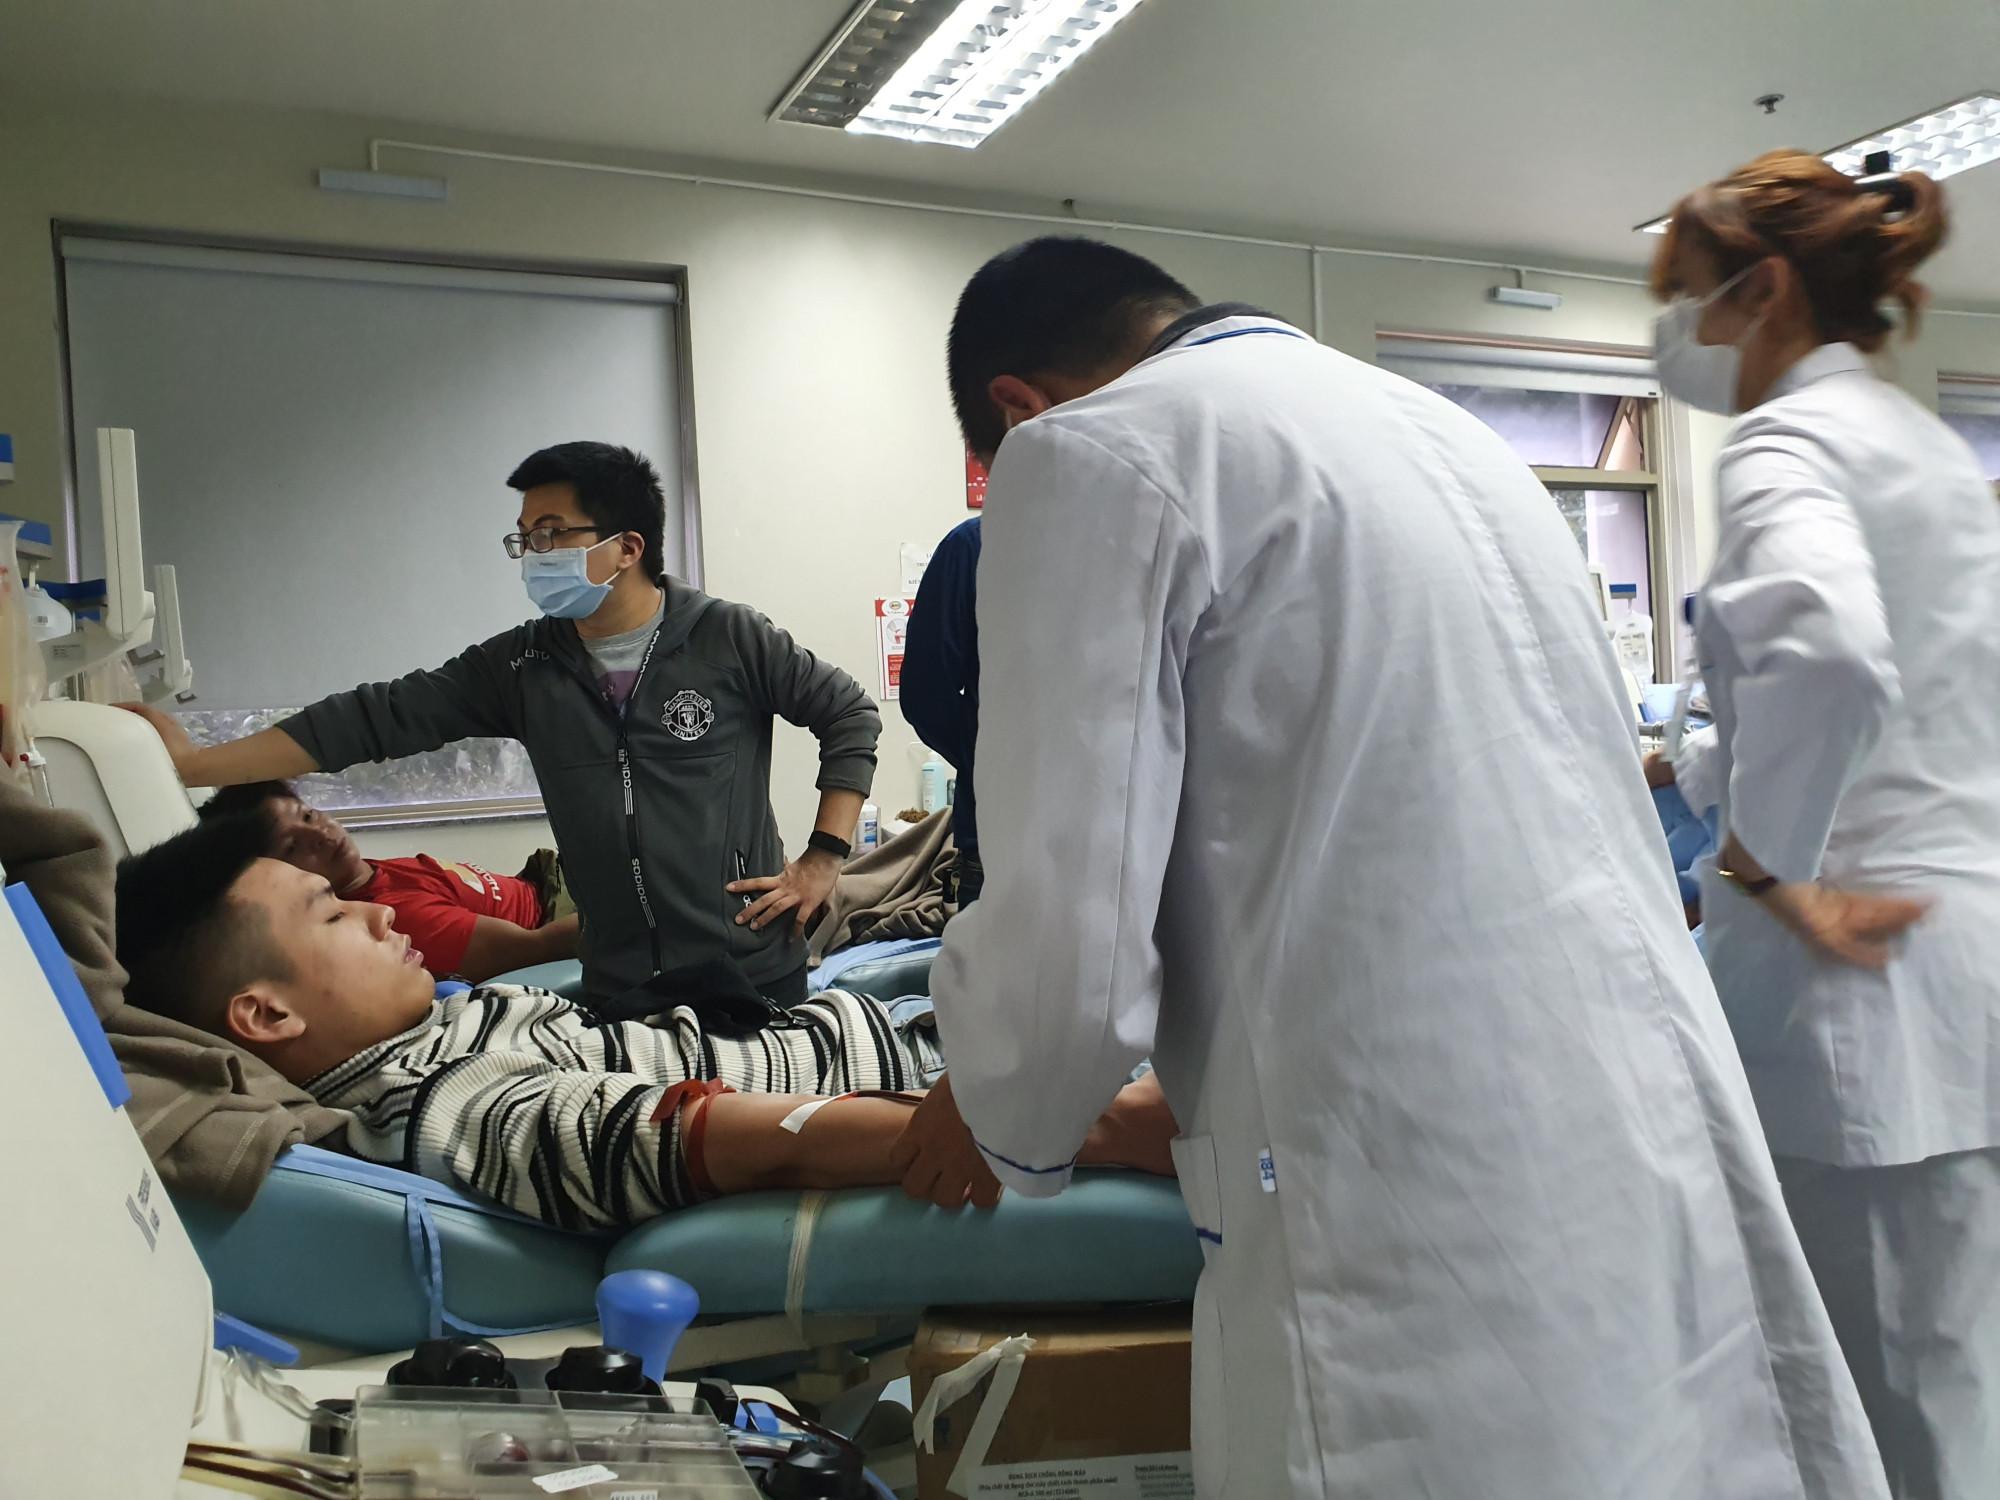 Người hiến máu được đảm bảo về sức khỏe trong thời điểm dịch bệnh đang bùng phát.